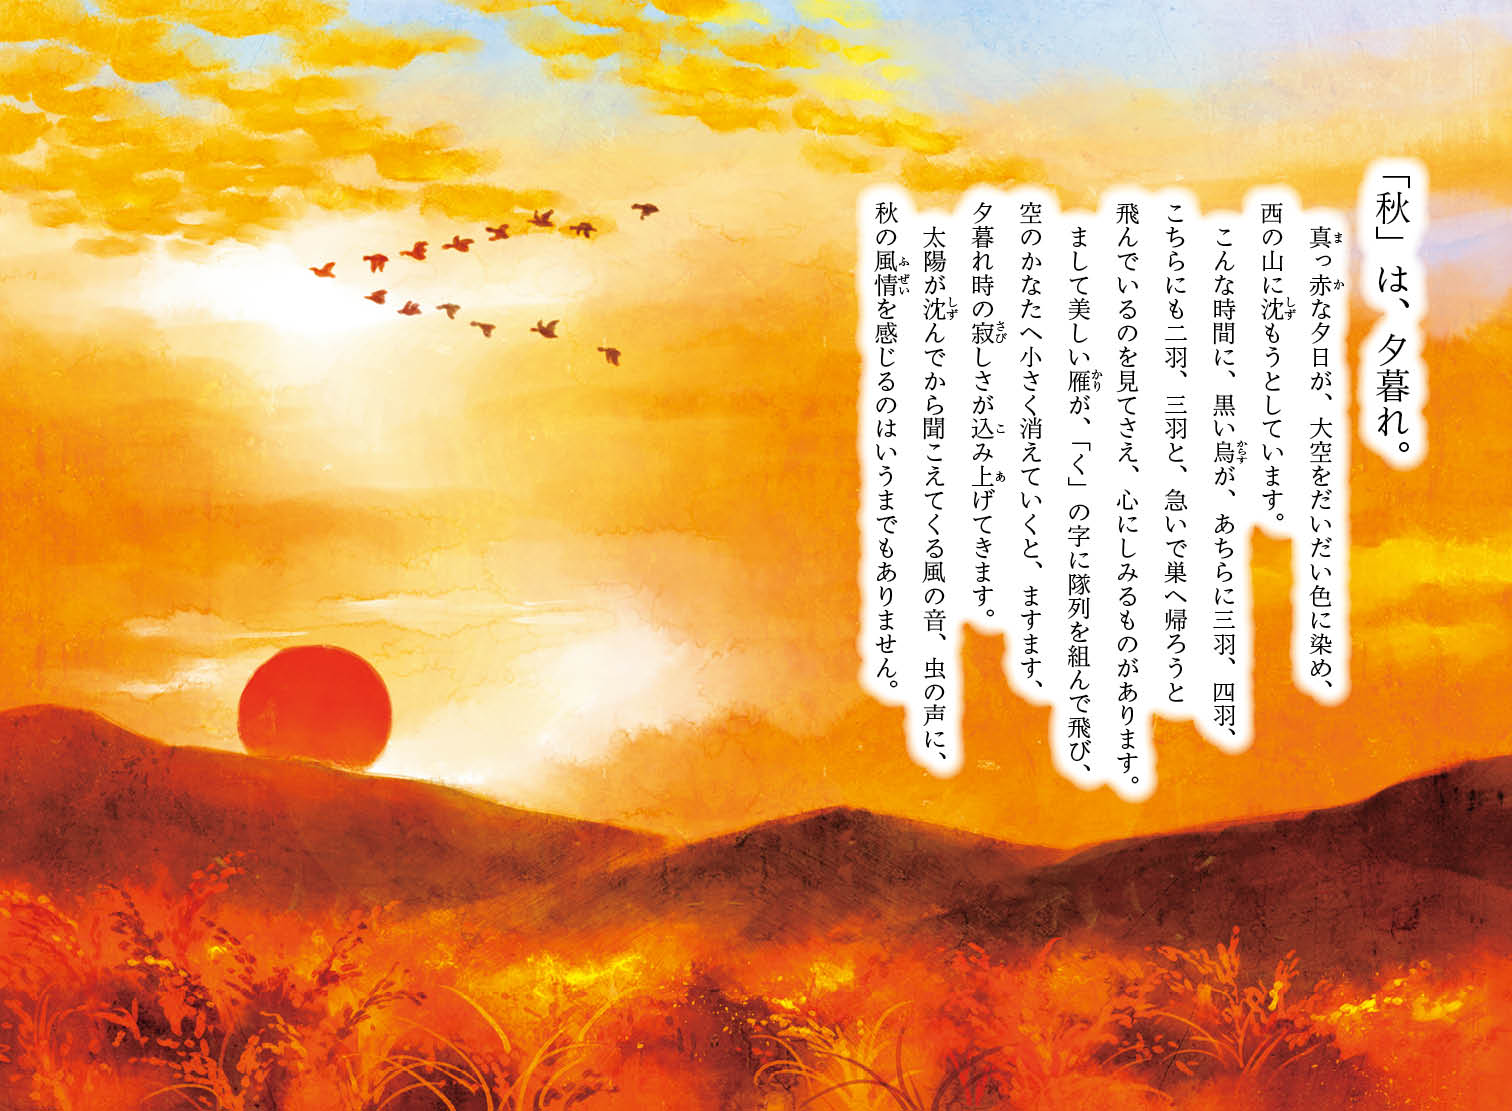 『こころきらきら枕草子』を試し読みの画像8